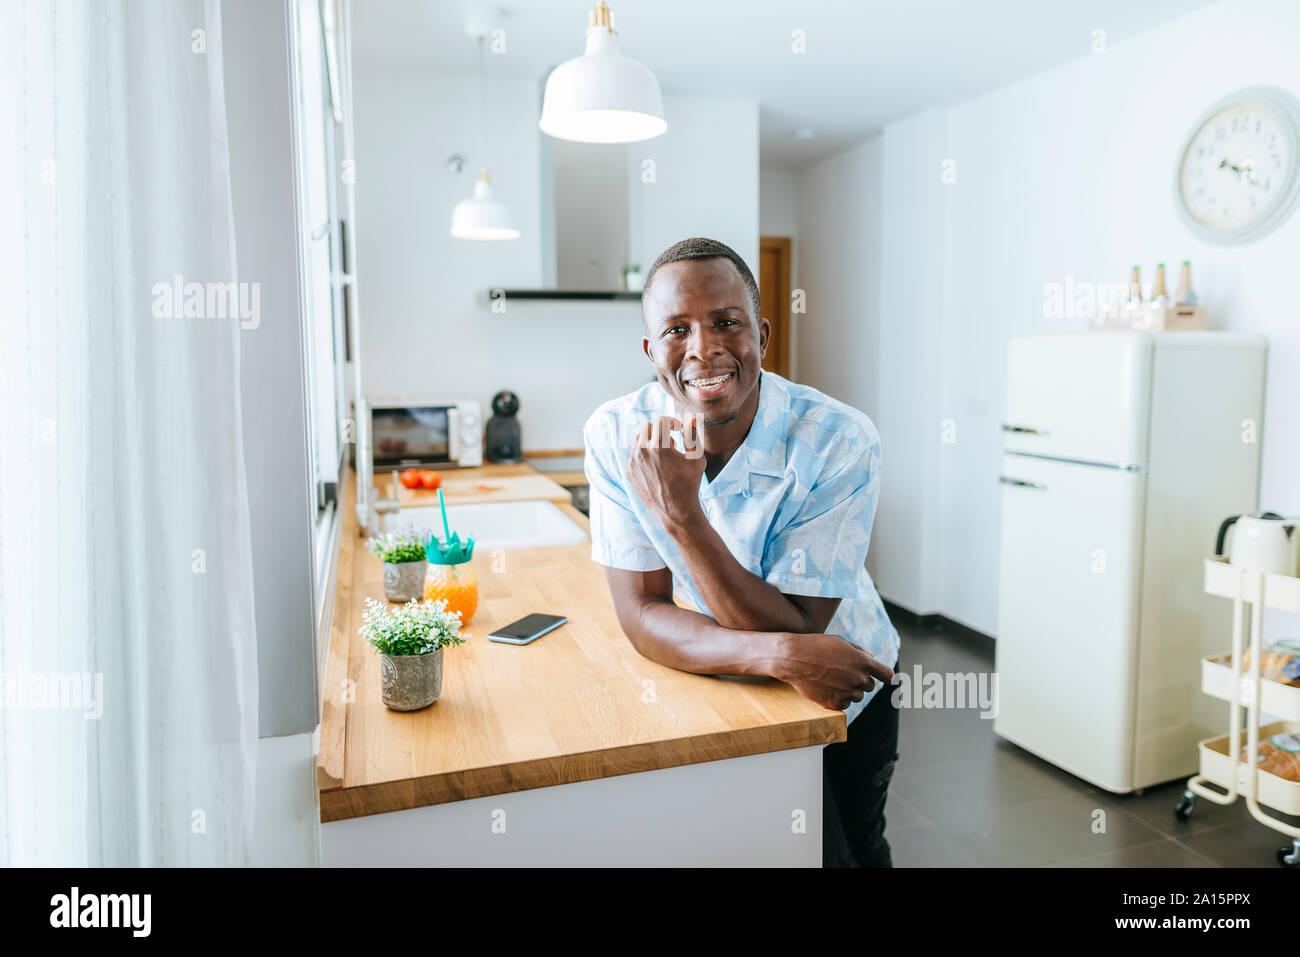 Retrato del joven sonriente en la cocina de casa Foto de stock